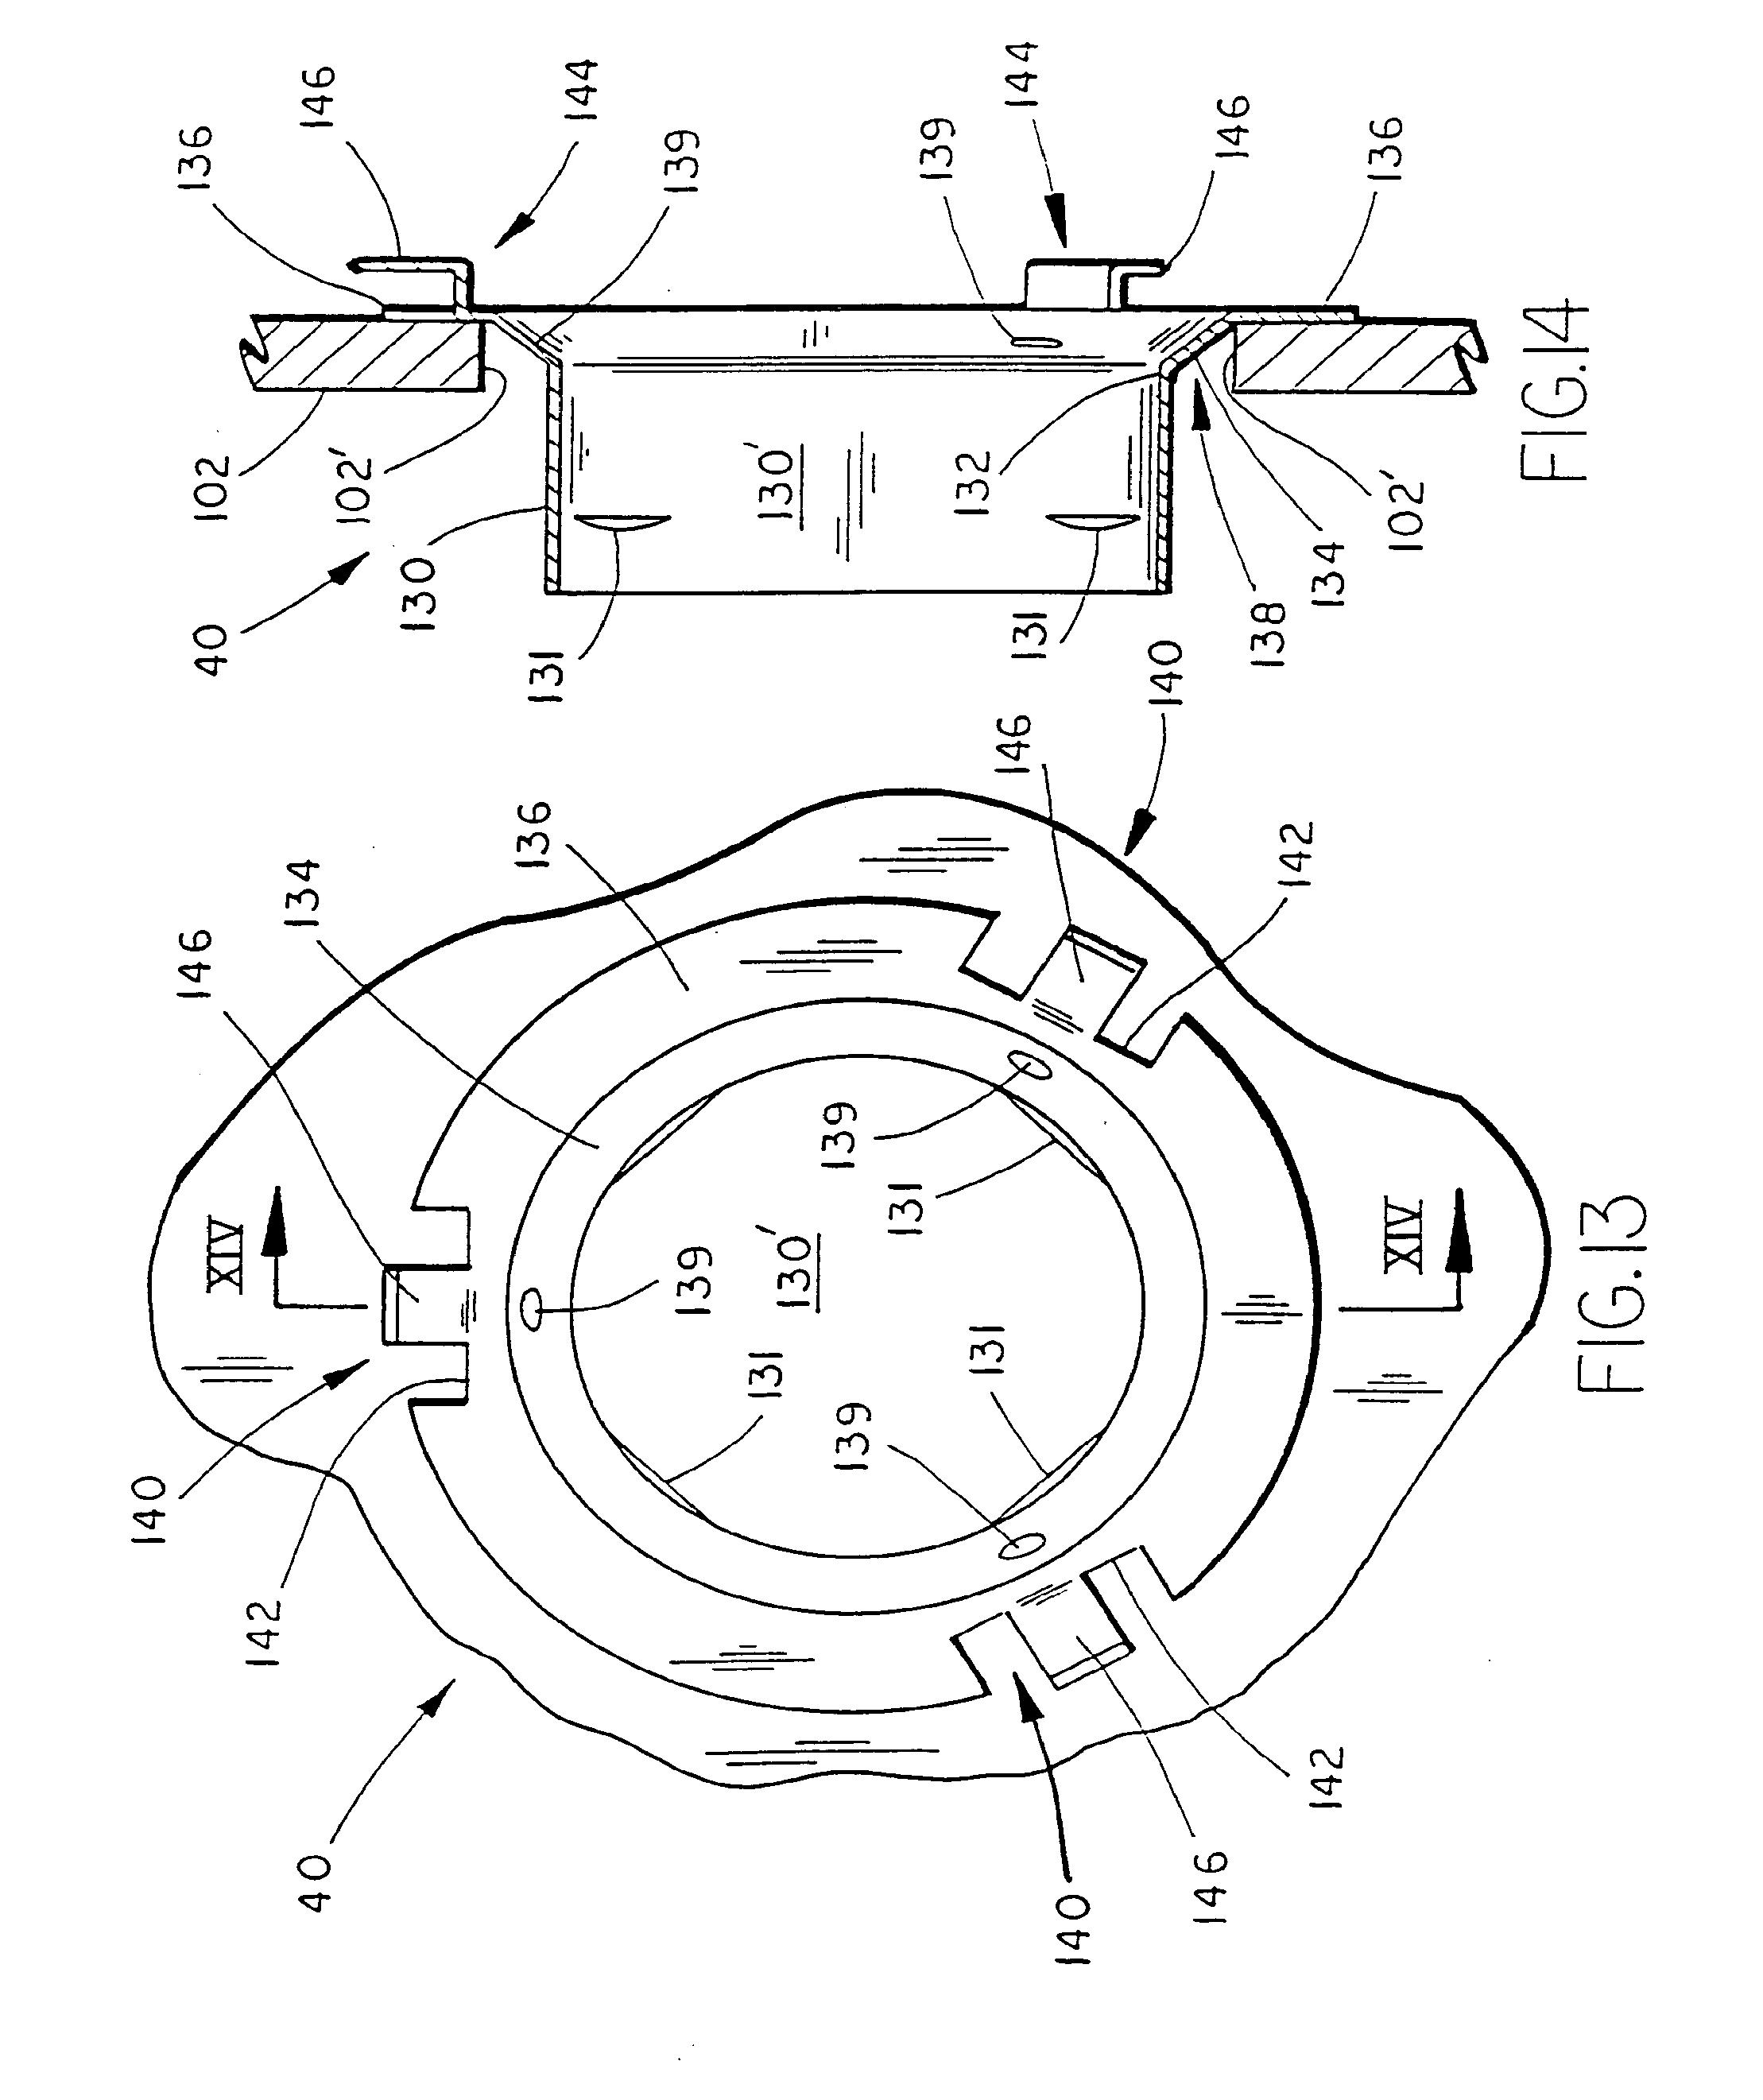 patent us20120247792